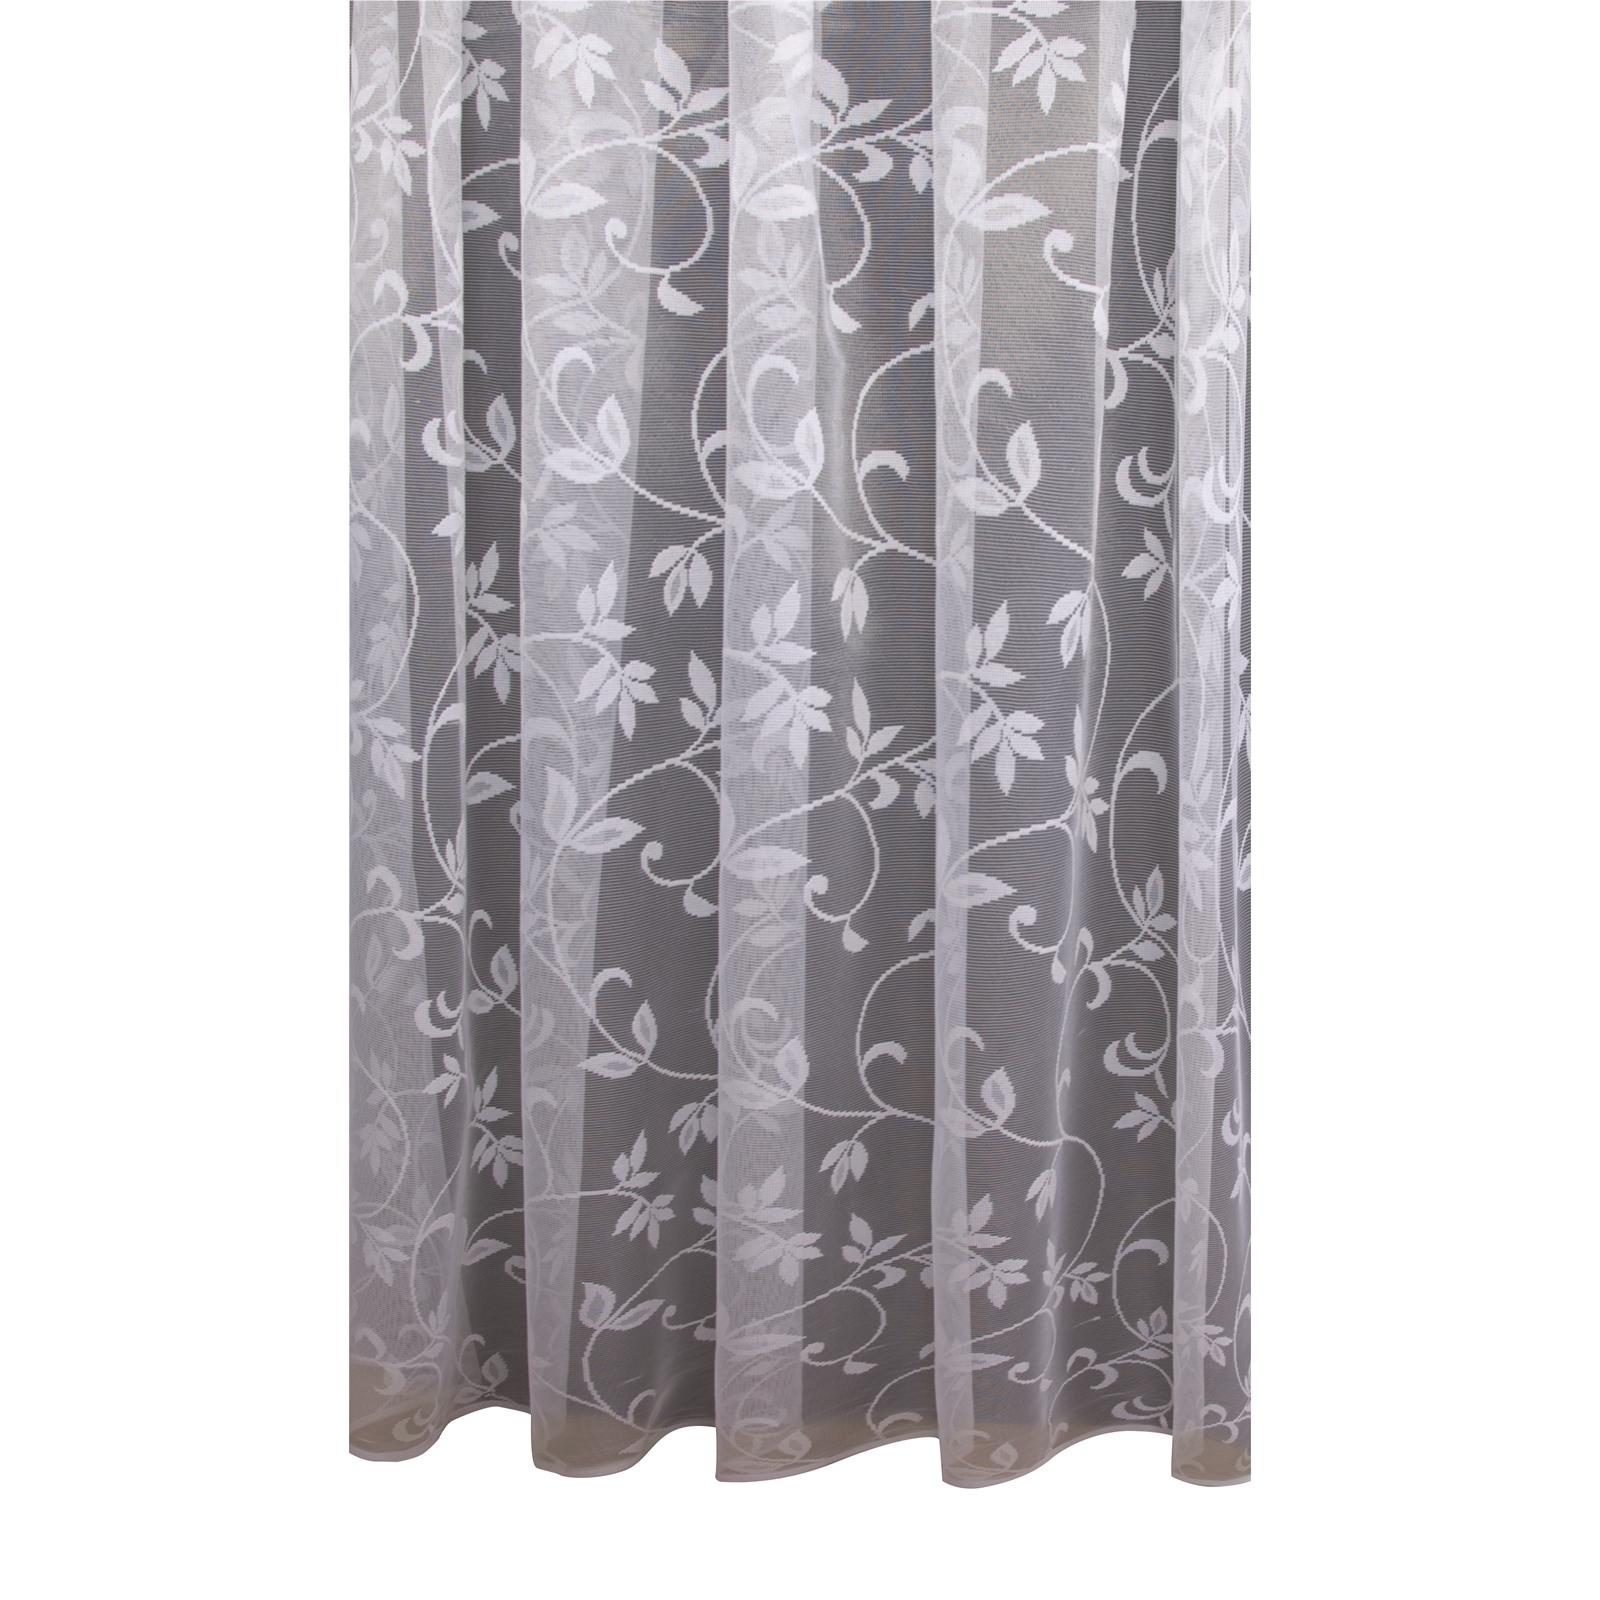 Homebase 1.5 - 2.3 x 2.13m Camille Sheer Curtain